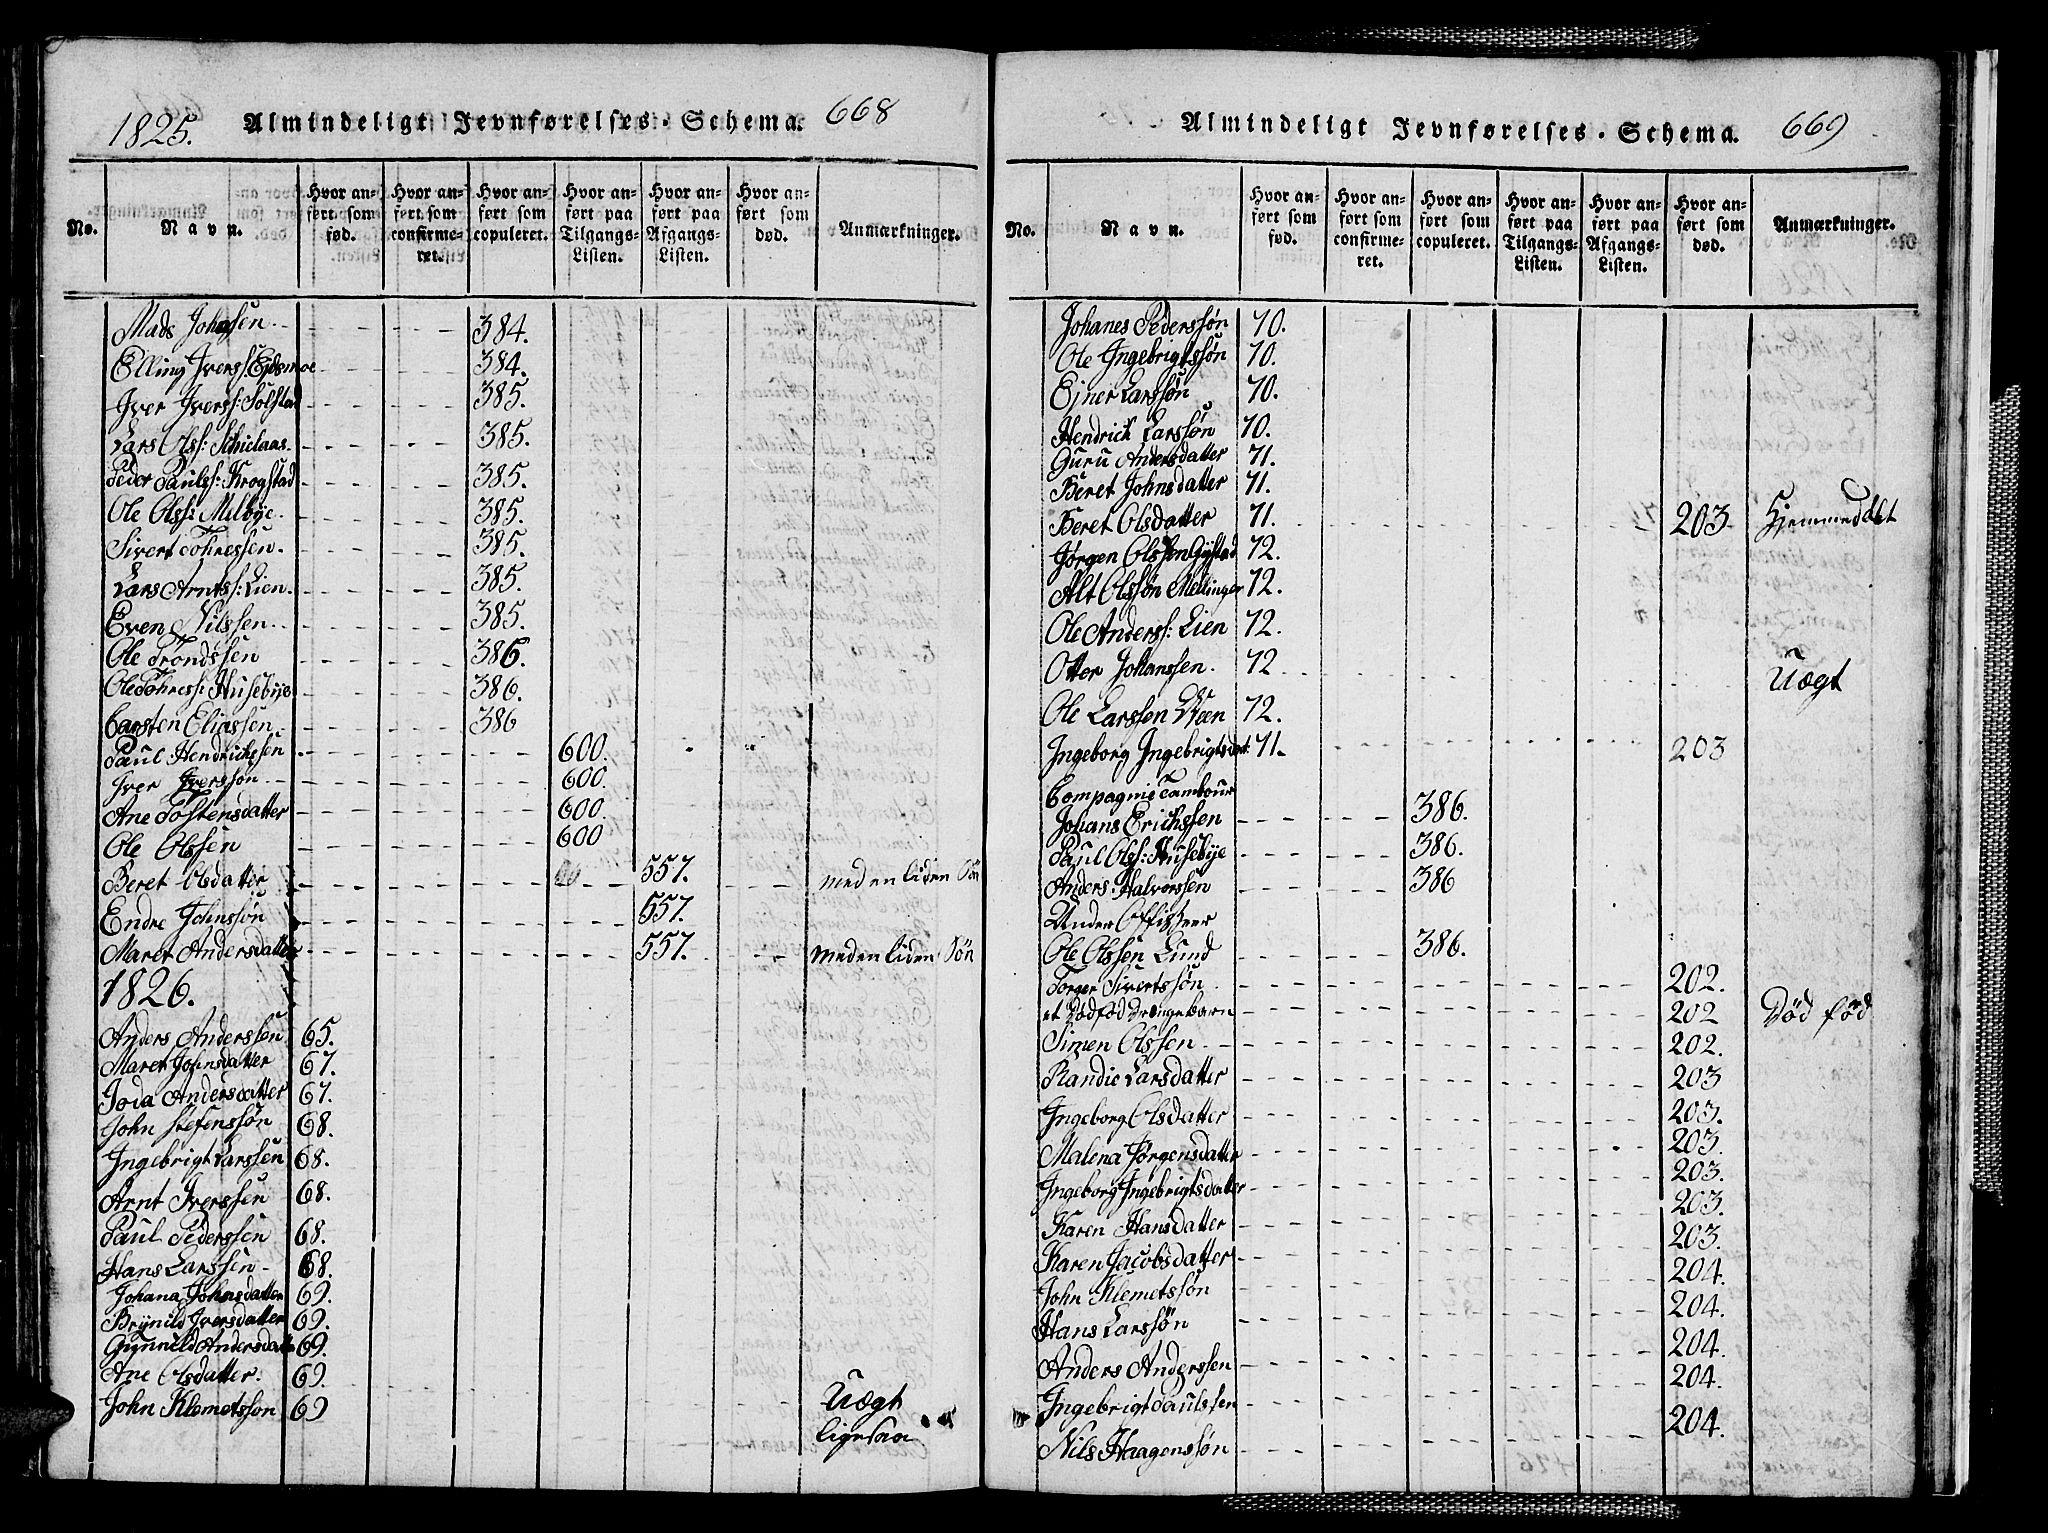 SAT, Ministerialprotokoller, klokkerbøker og fødselsregistre - Sør-Trøndelag, 667/L0796: Klokkerbok nr. 667C01, 1817-1836, s. 668-669